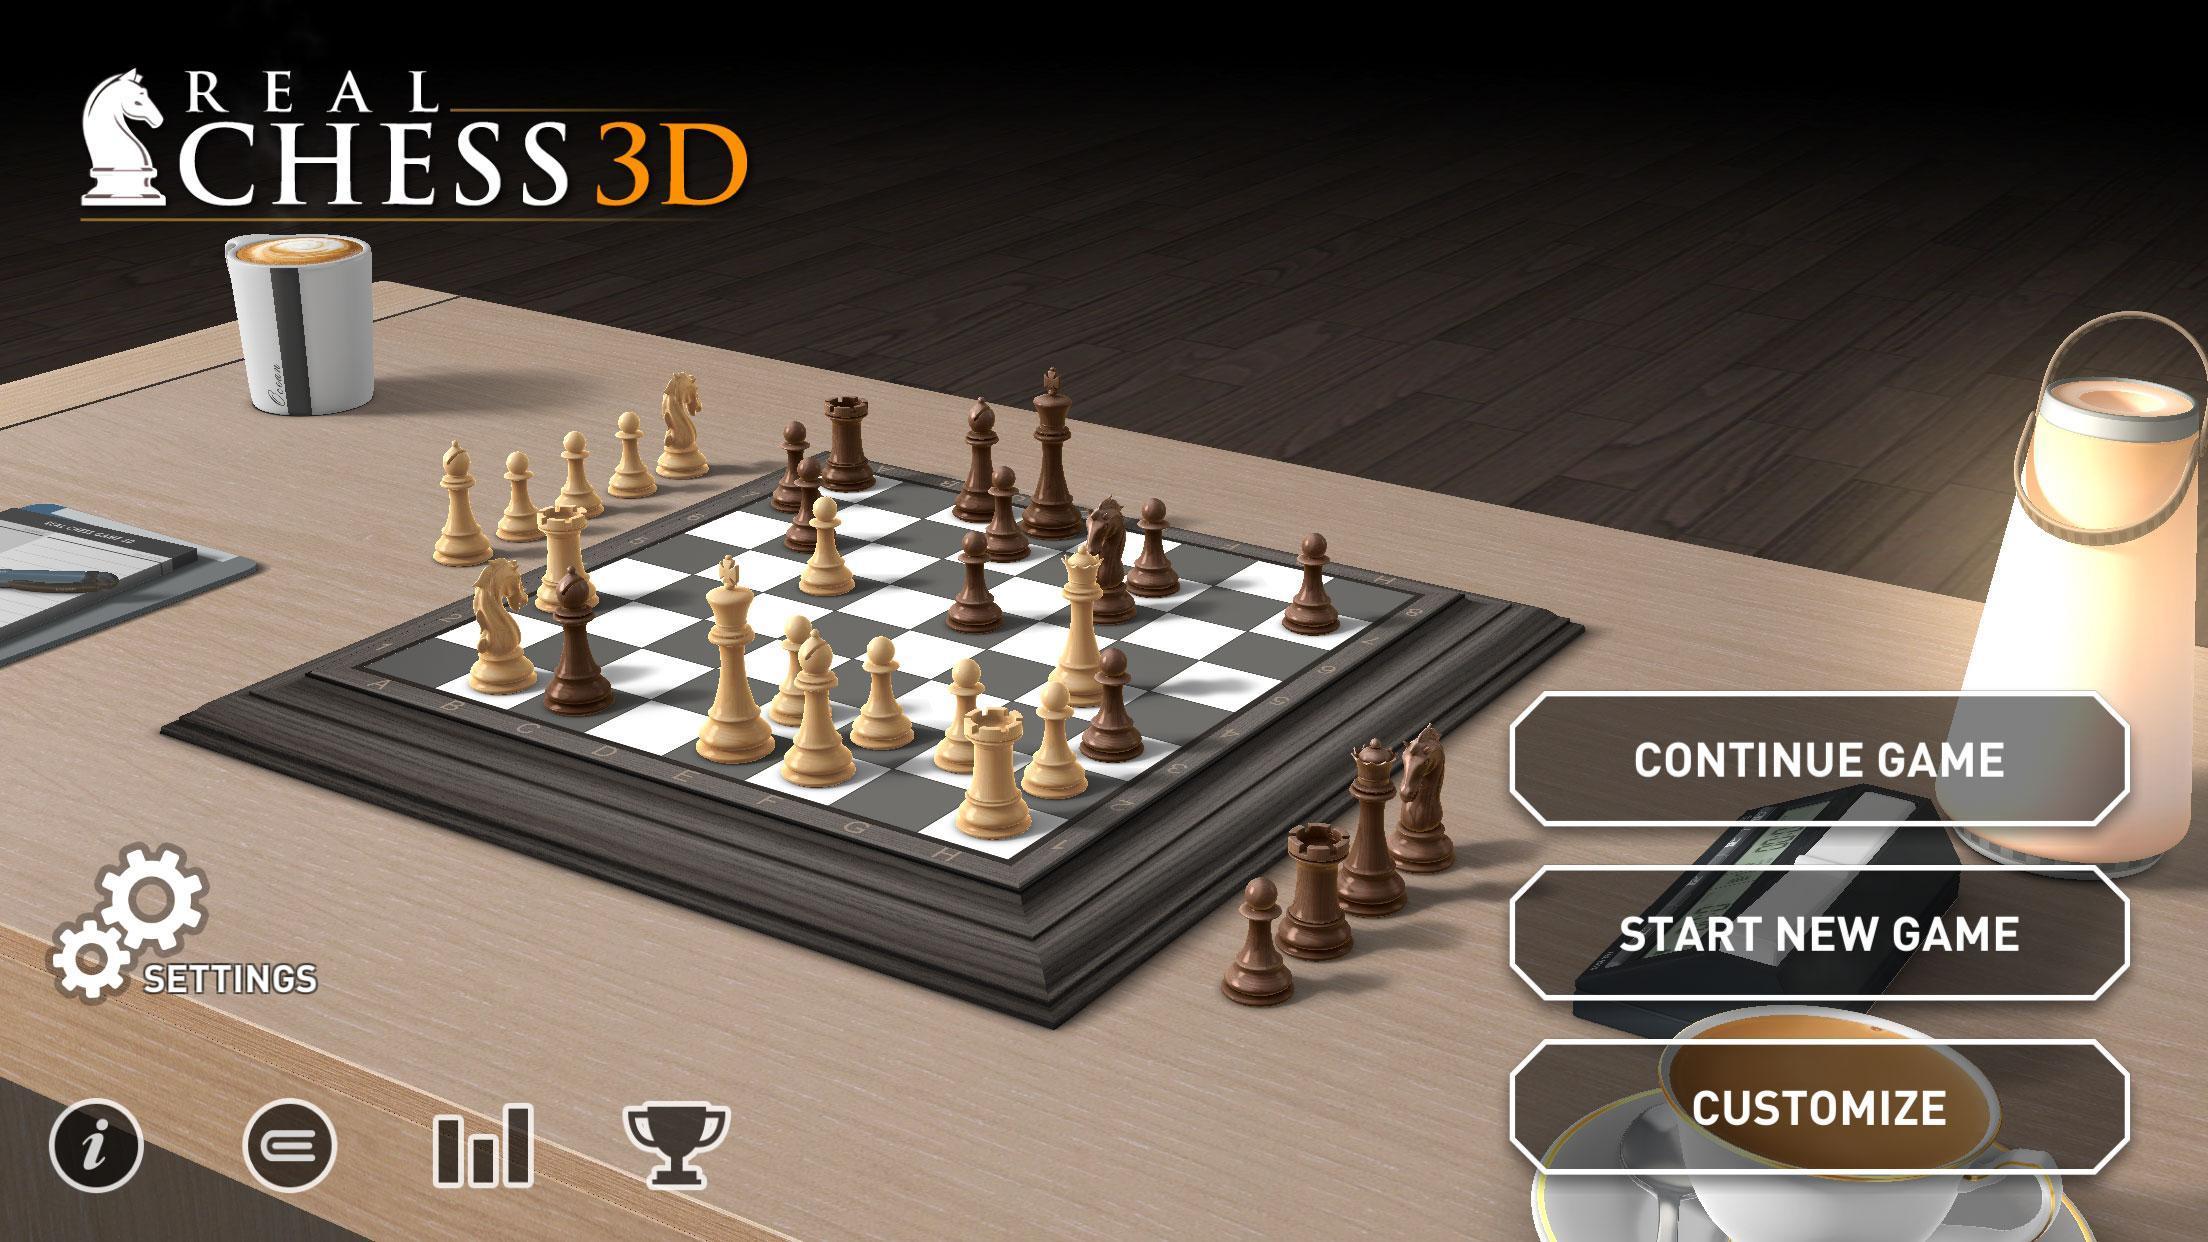 Real Chess 3D 1.24 Screenshot 11